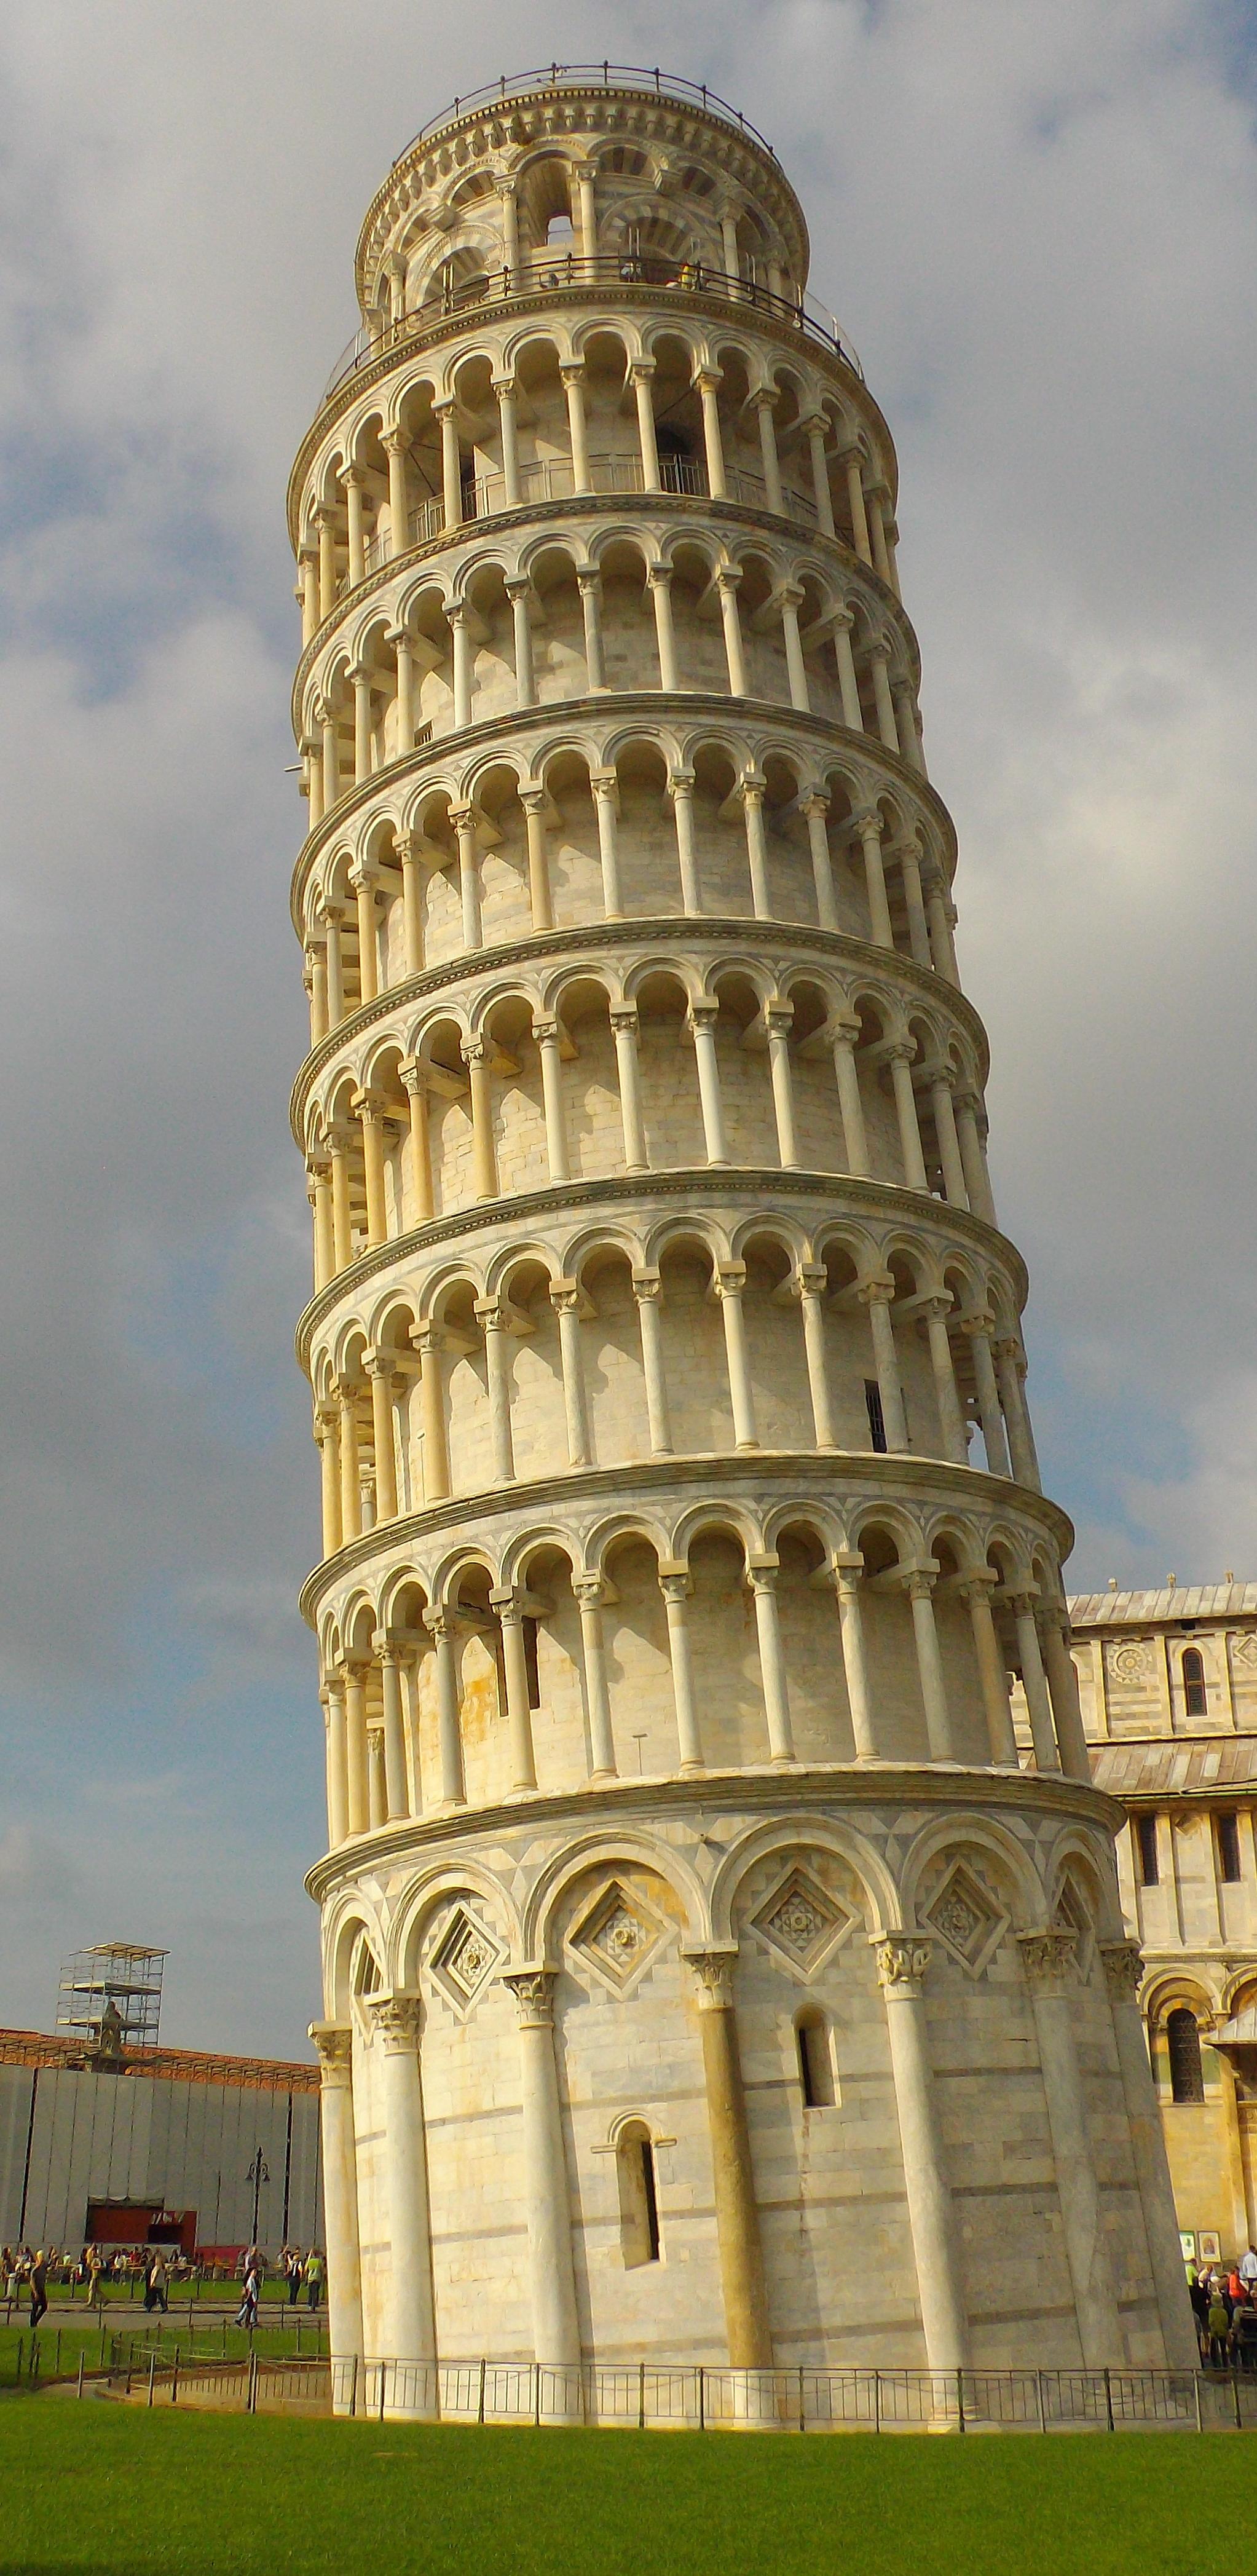 Todo o charme da cidade da torre inclinada